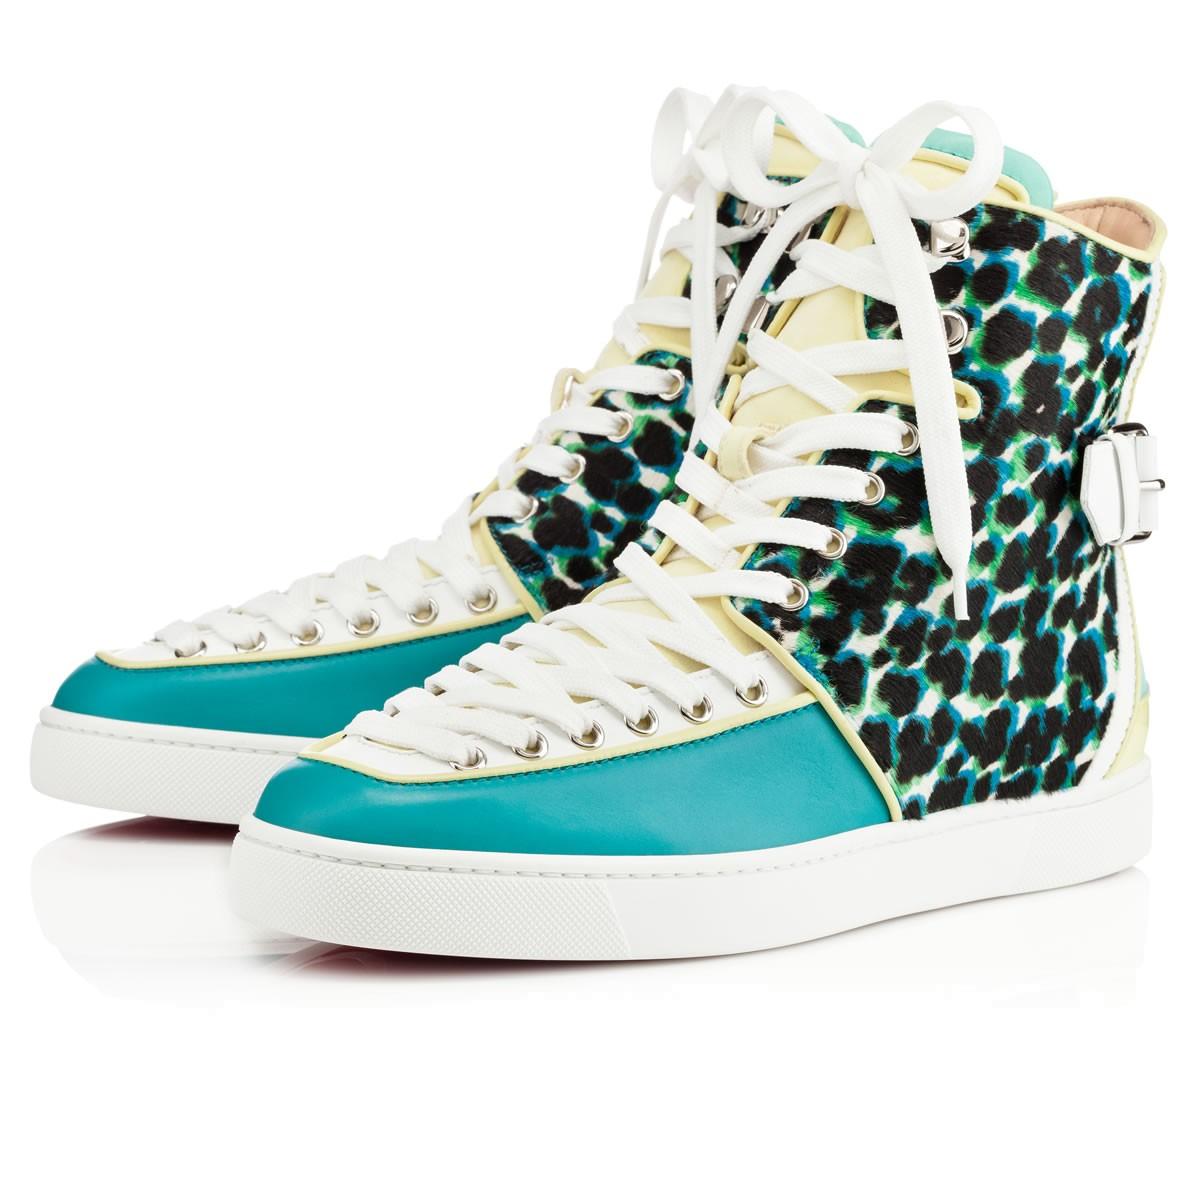 chris louis vuitton shoes - Christian louboutin Alfie Mens Flat in Blue (leopard) | Lyst